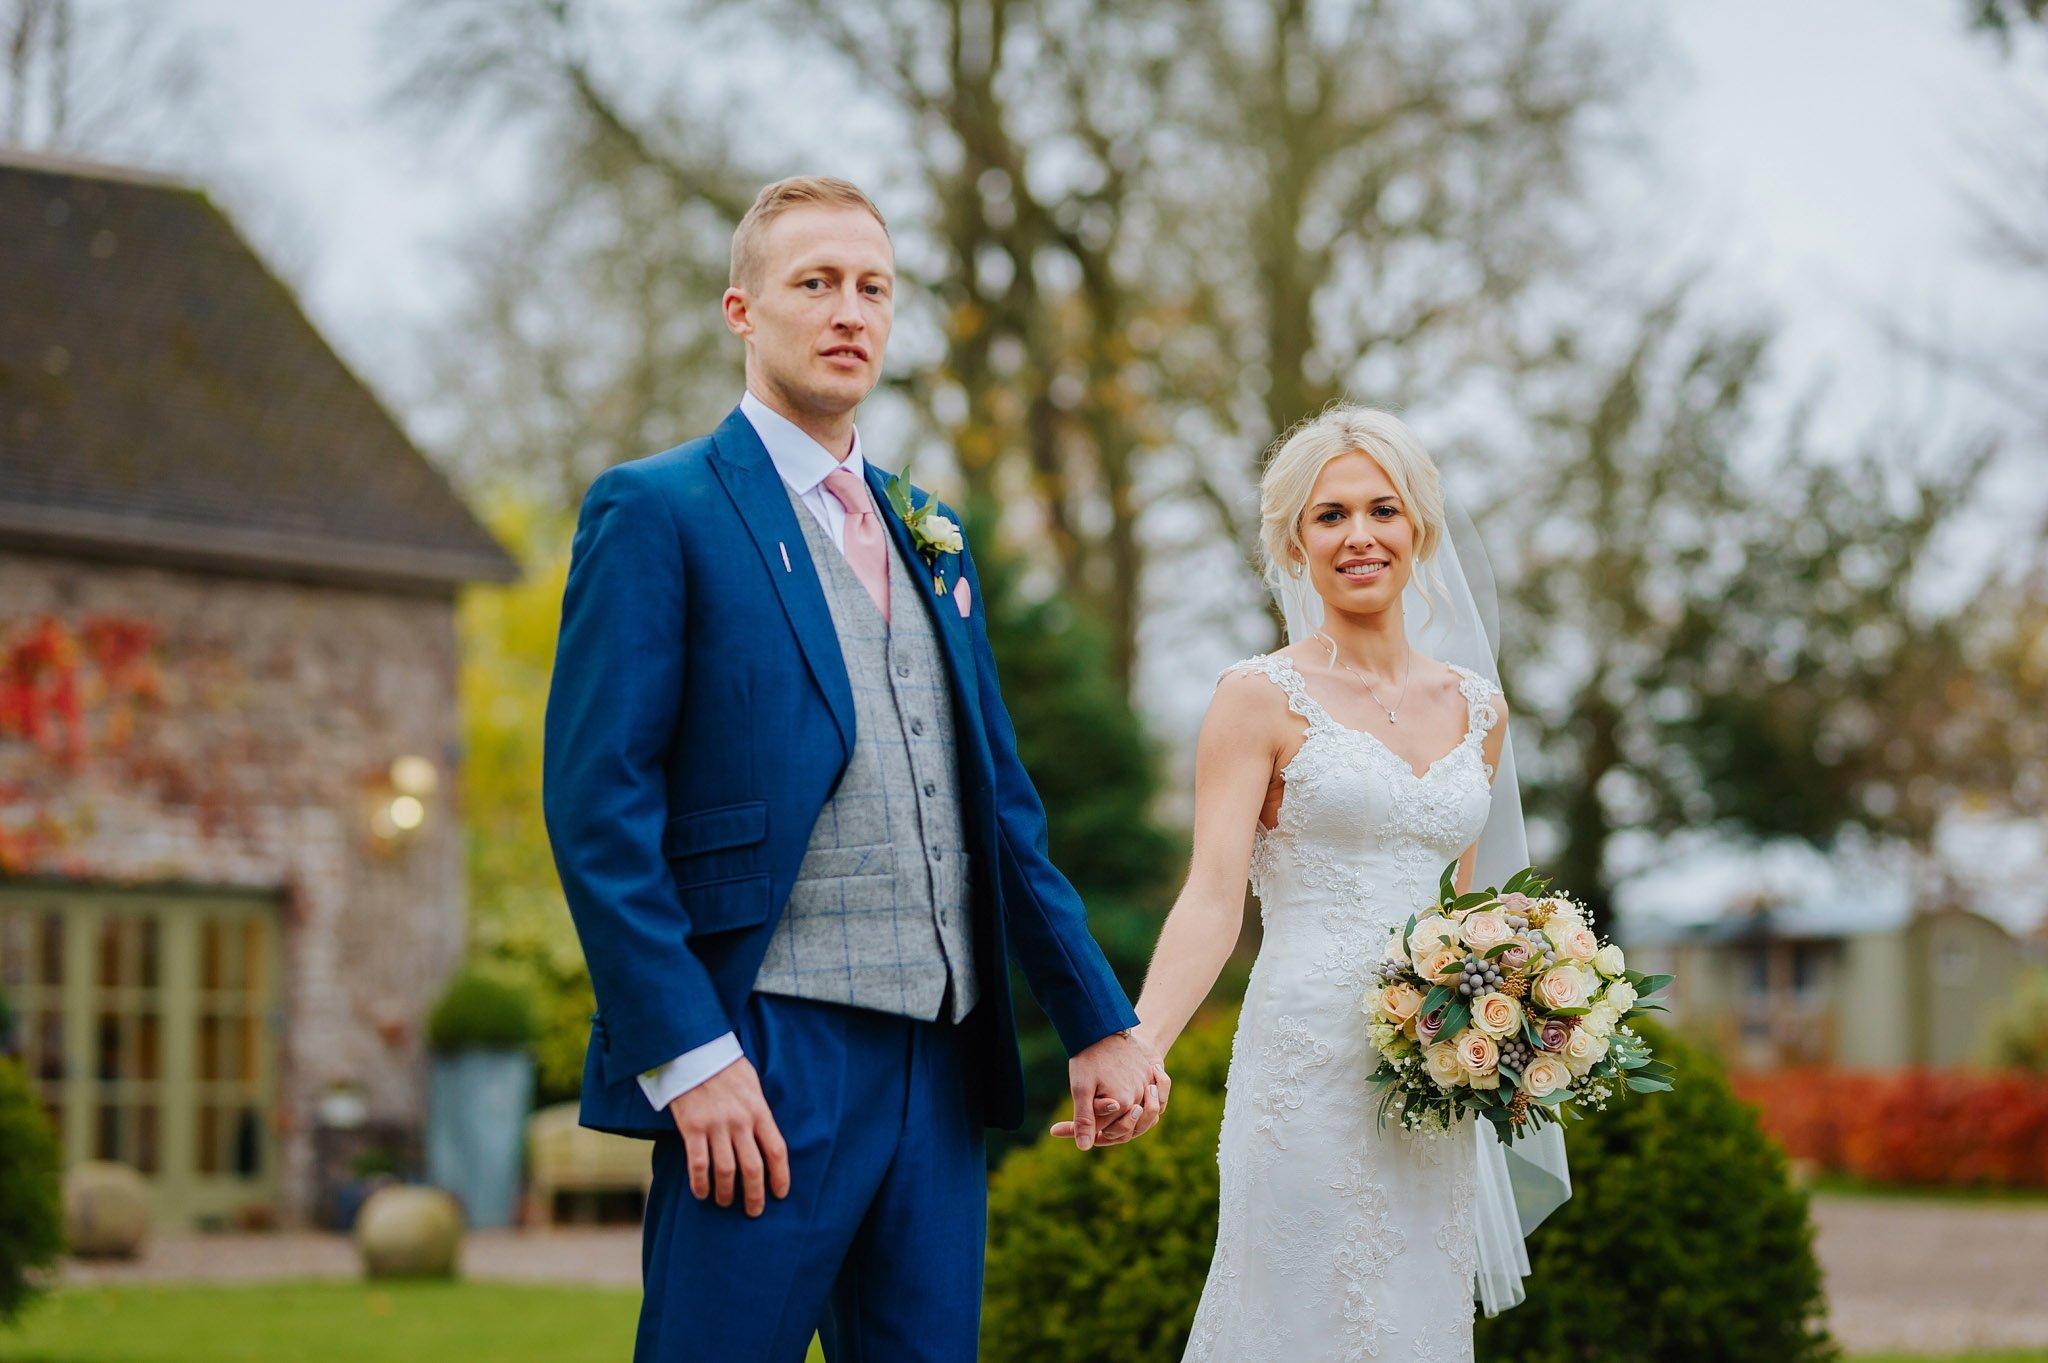 Lemore Manor wedding, Herefordshire - West Midlands | Sadie + Ken 57